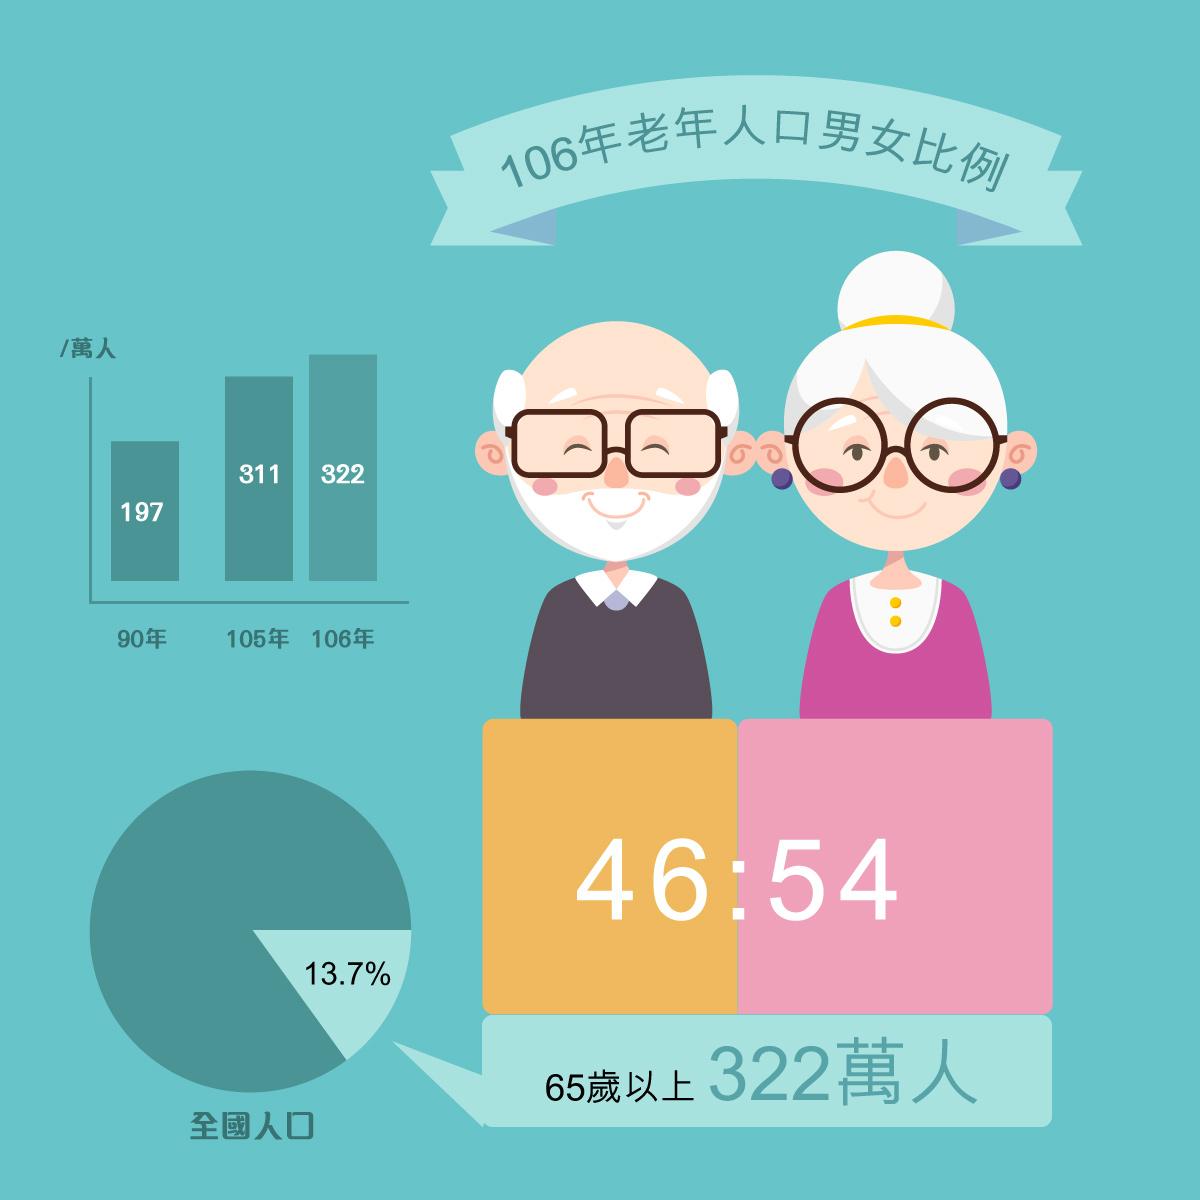 106年統計女性老年人口比男性多26萬人,逾百歲者有3,224人